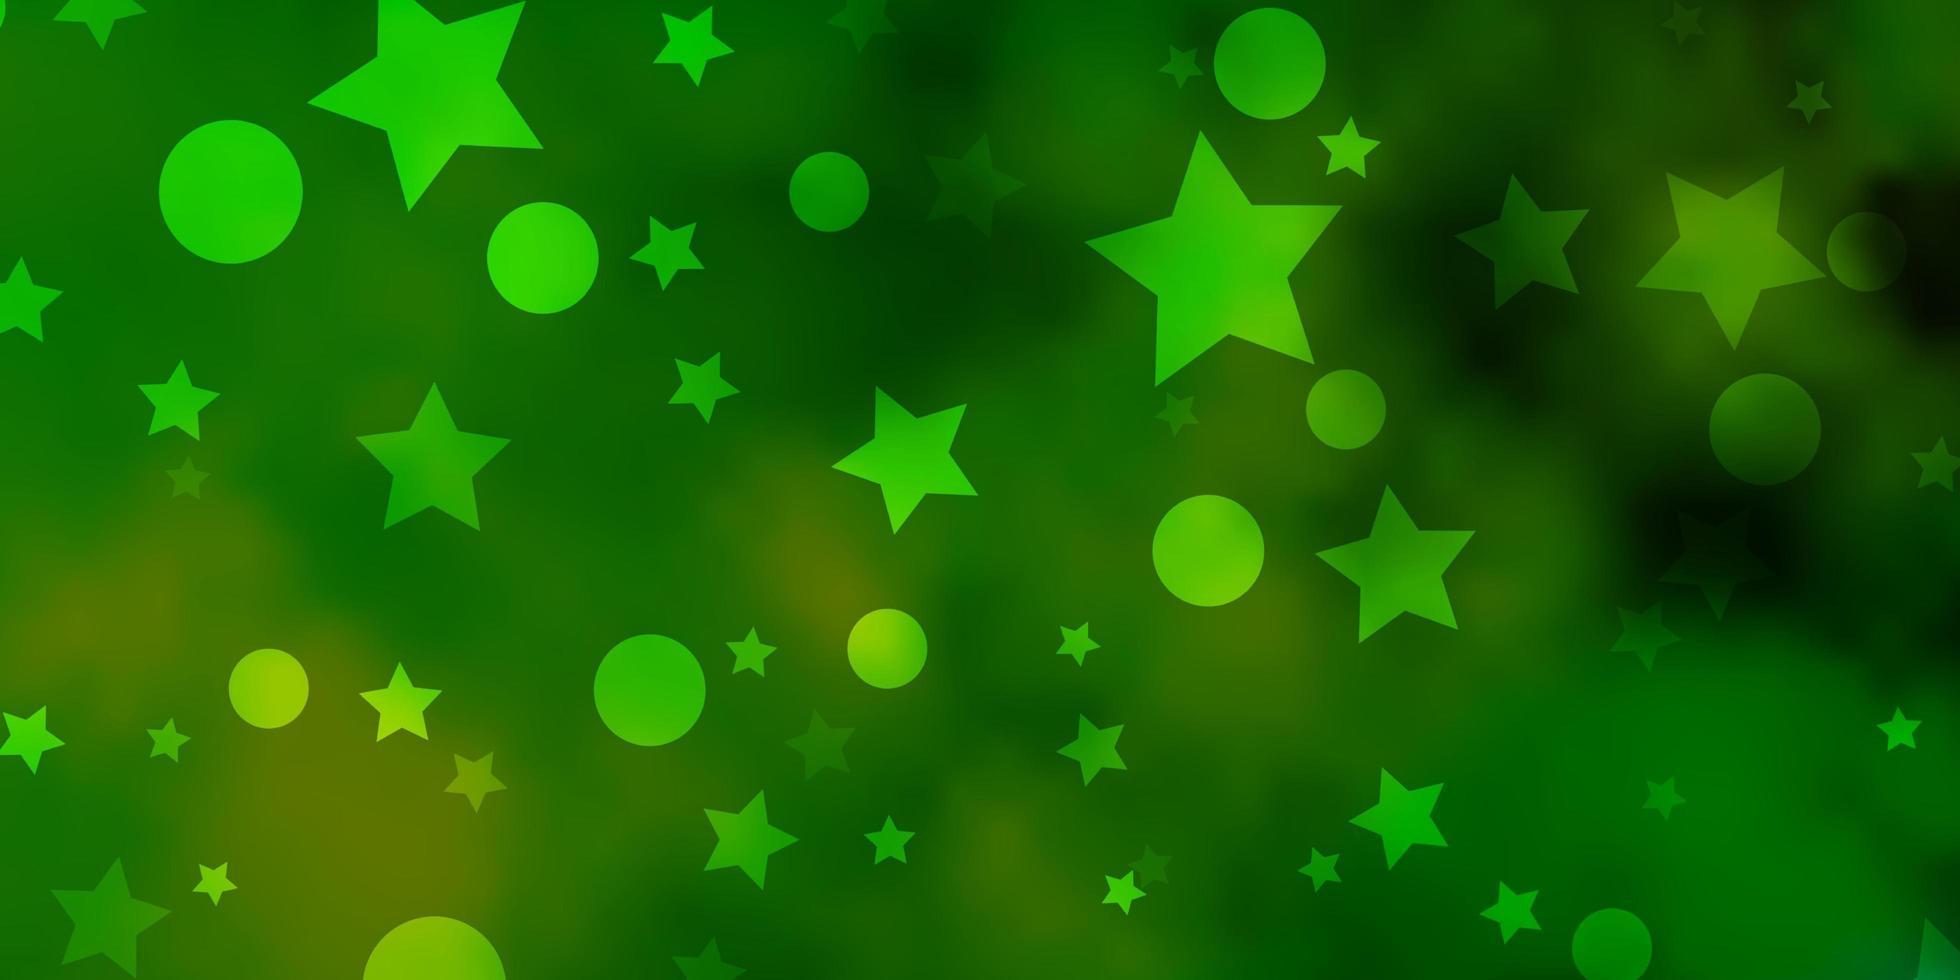 fond vert clair, jaune avec des cercles, des étoiles. vecteur